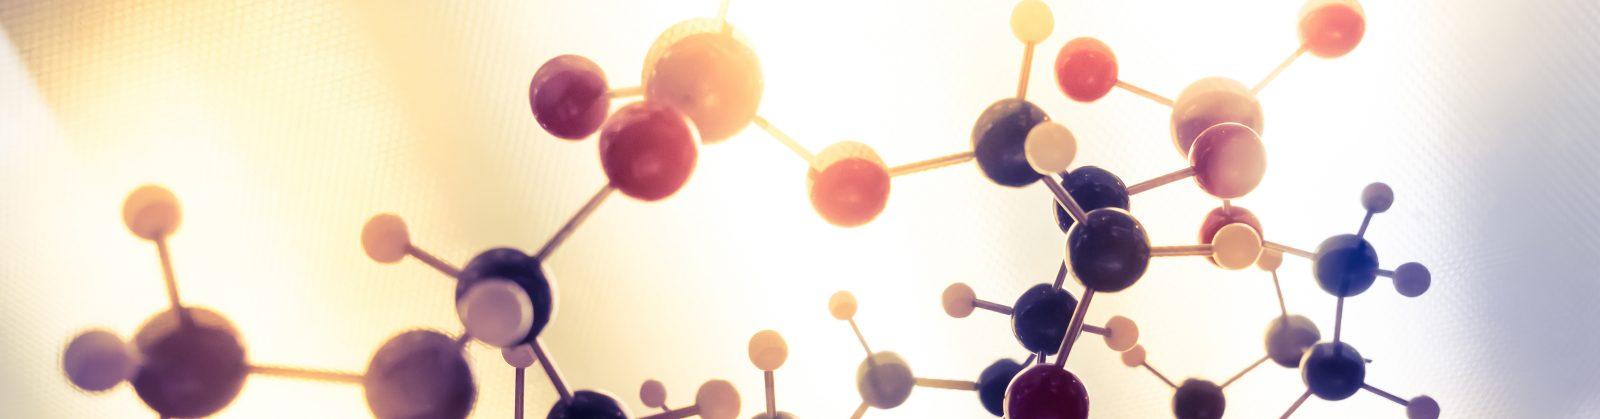 common solvents ethanol-d6, methanol-d4, methylene chloride-d2, thf-d8toluene-d8, methyl iodide, chloroform-d, deuterium oxide, dmso-d6 & acetonitrile-d3, acetone-d6 and acetic acid-d4